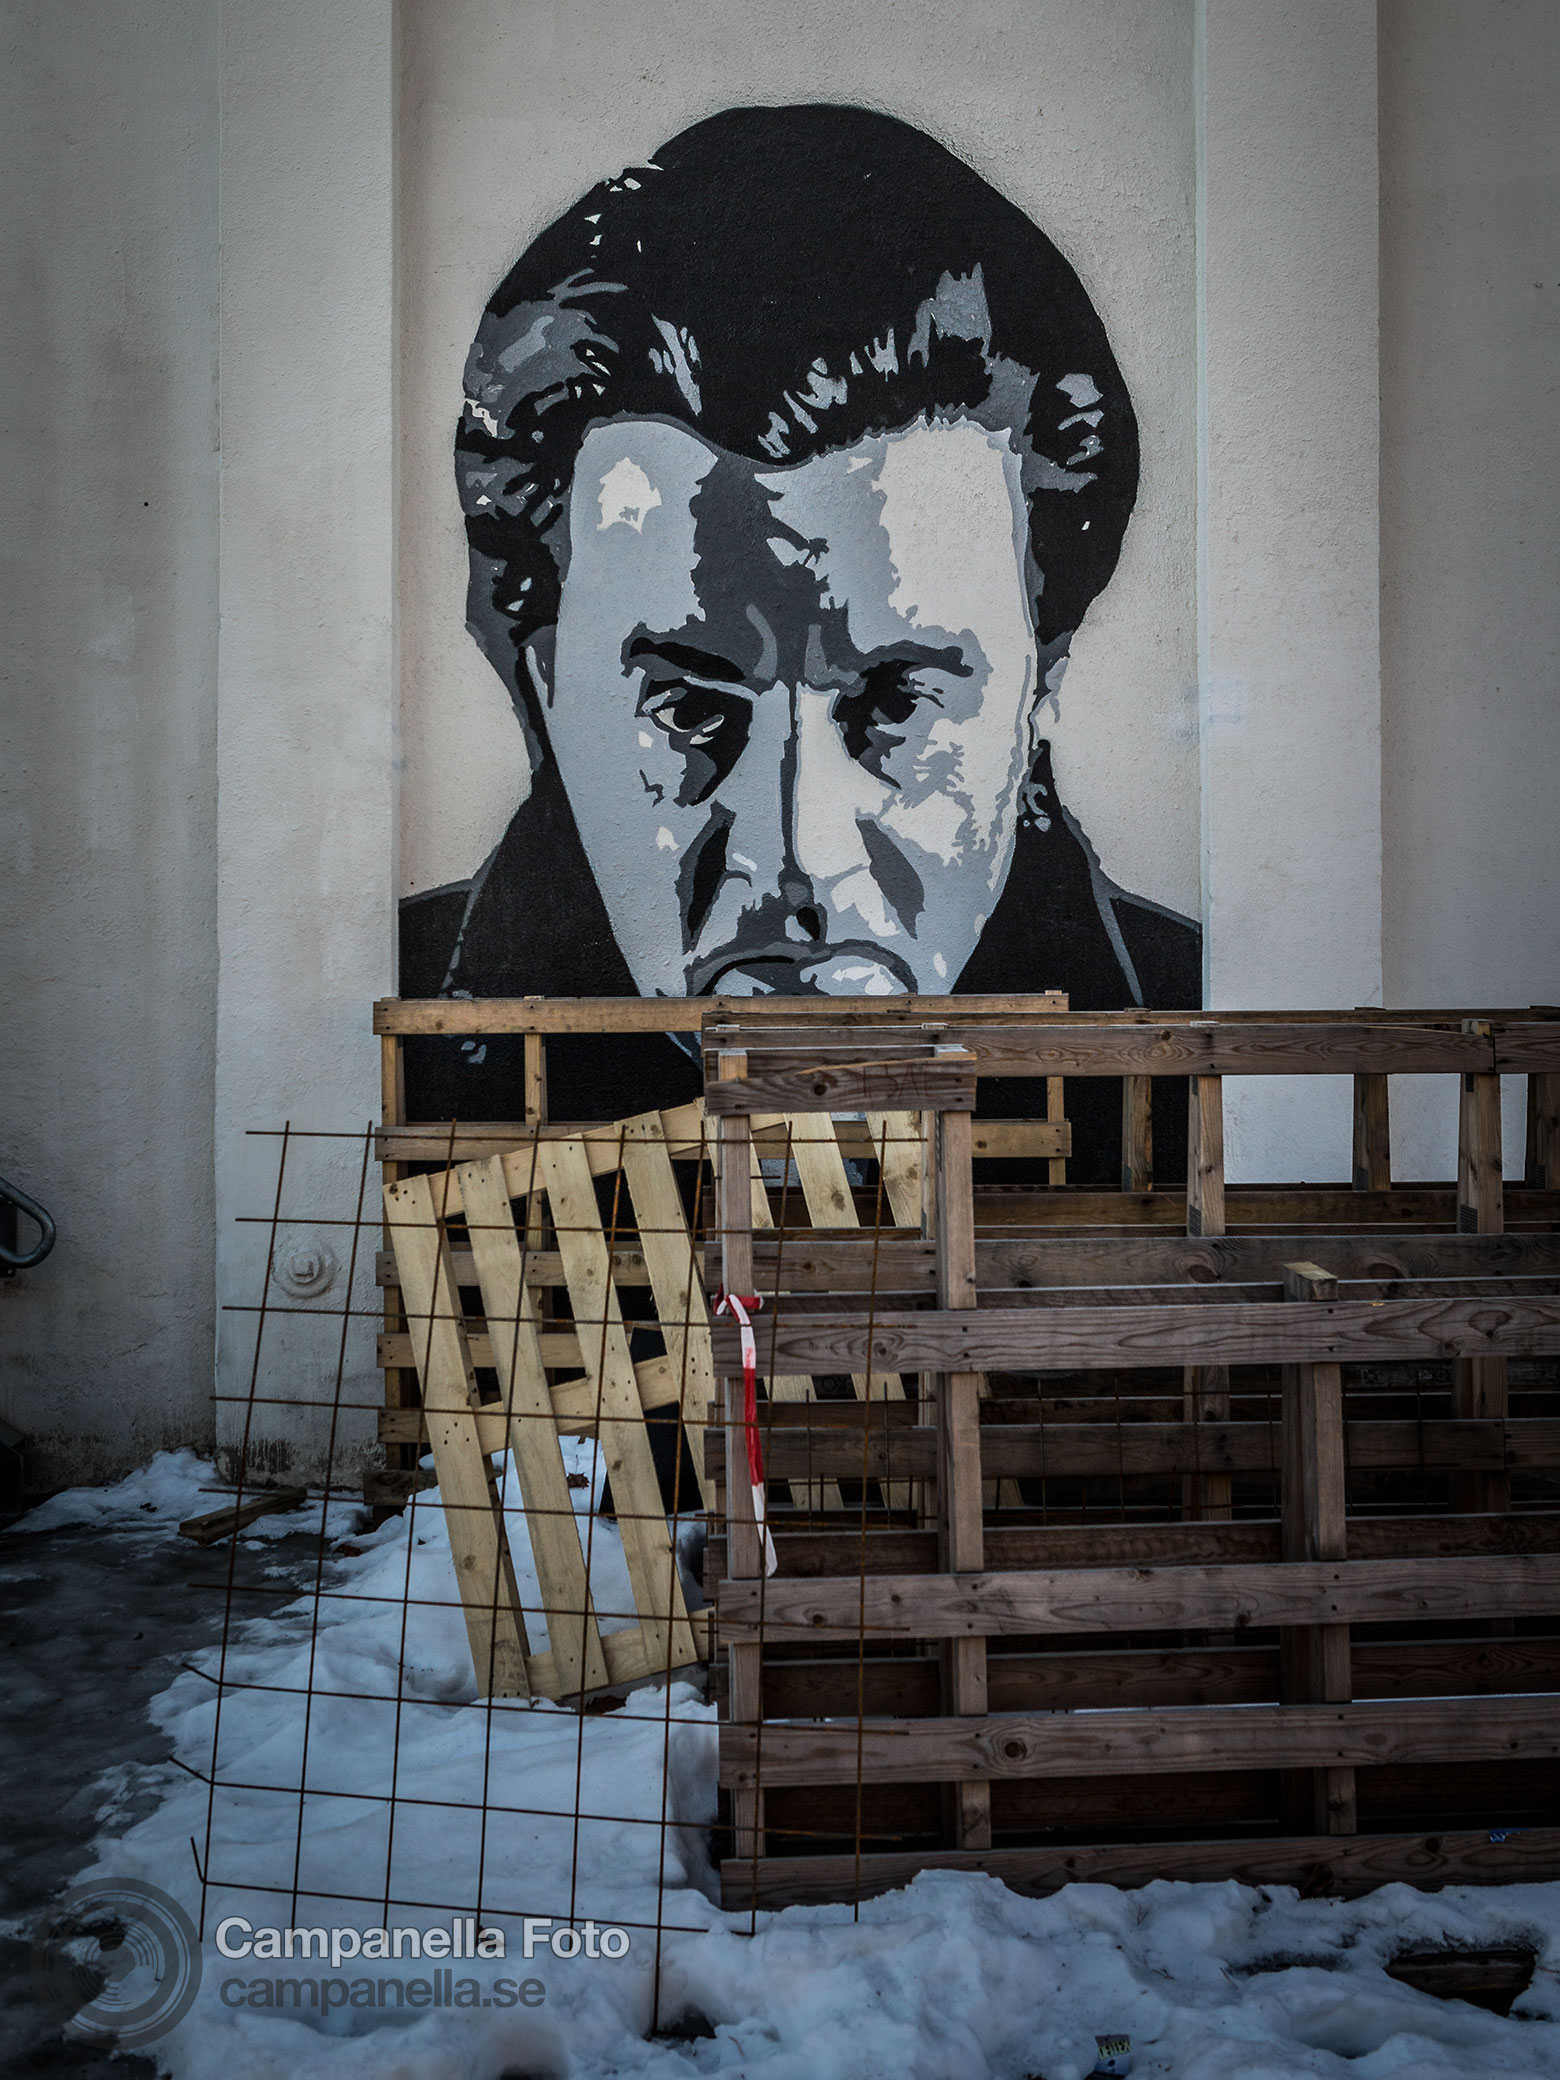 Street art mural of Steven Van Zandt